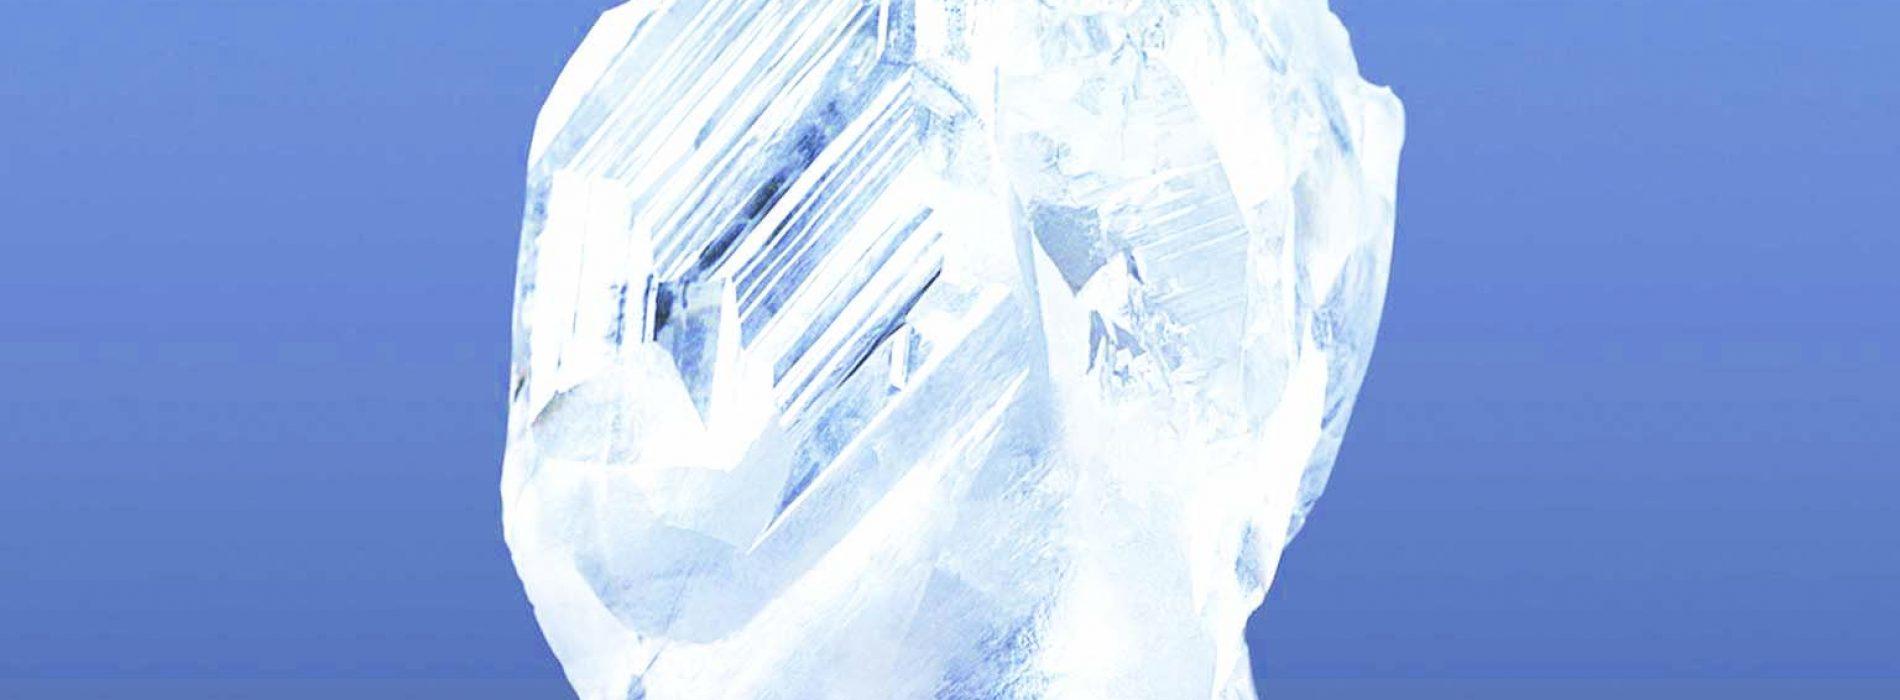 Letšeng discovers 910 carat diamond